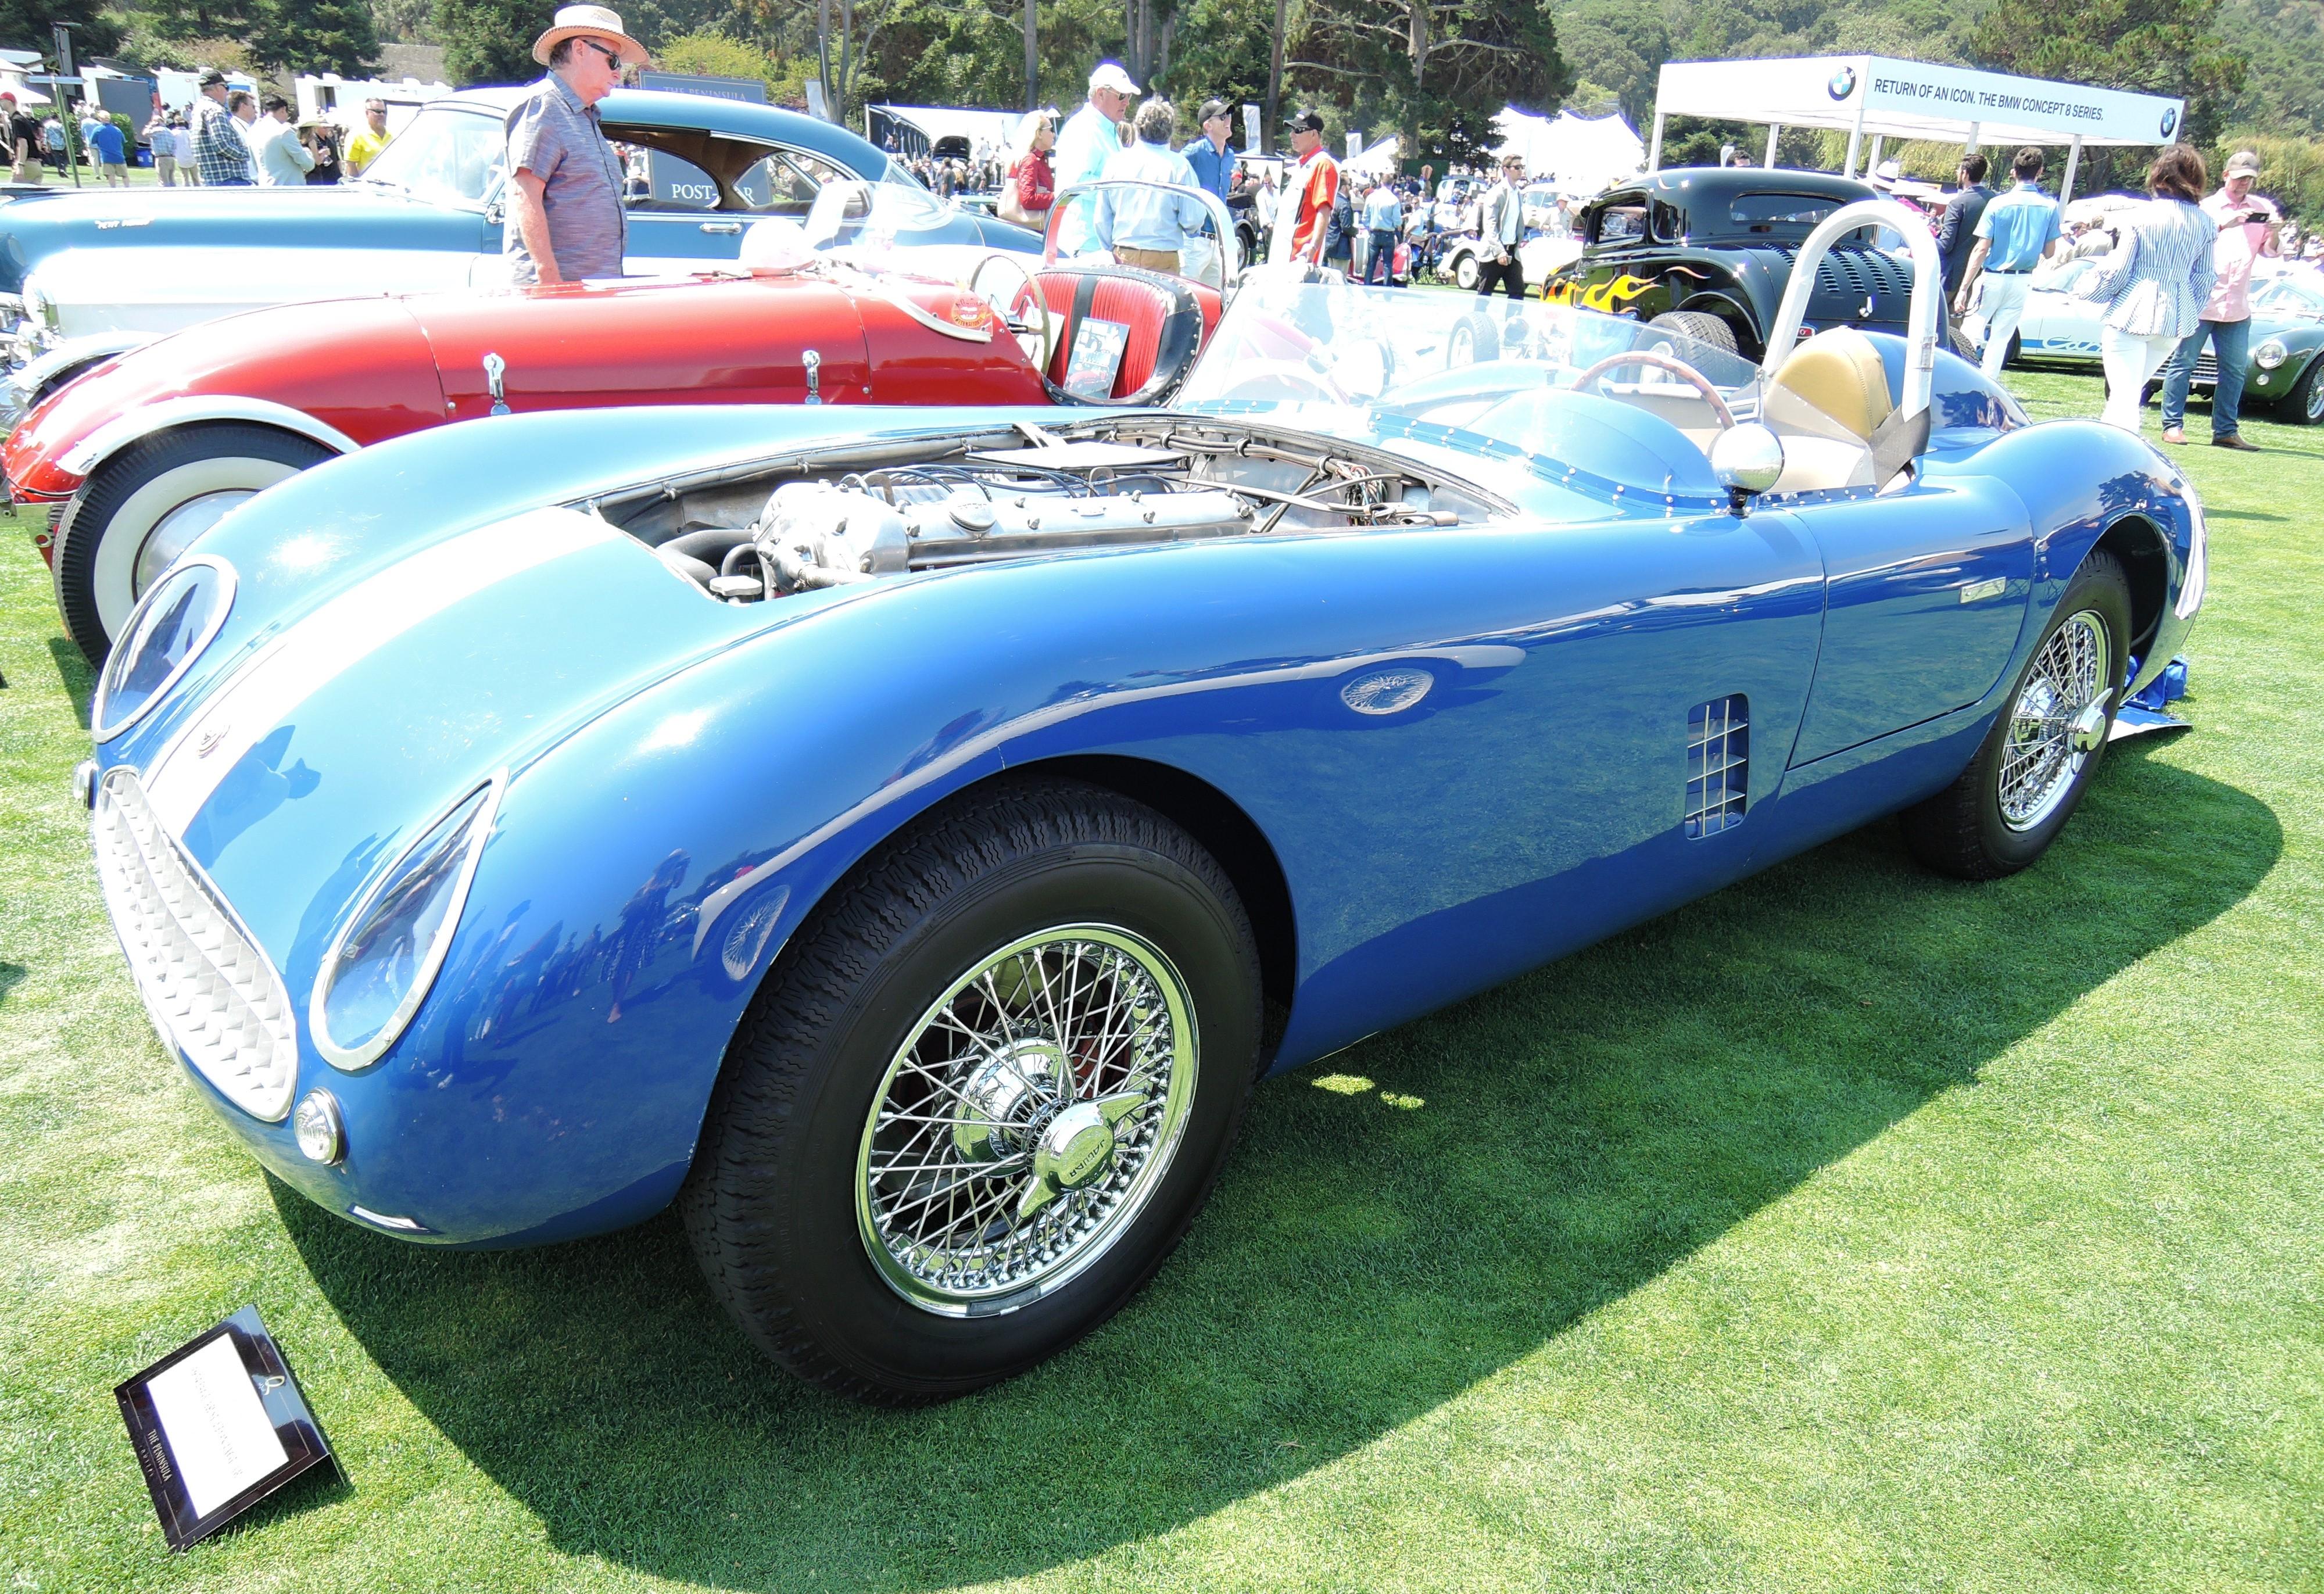 blue 1954 Jaguar Sutton Jaguar - The Quail 2017